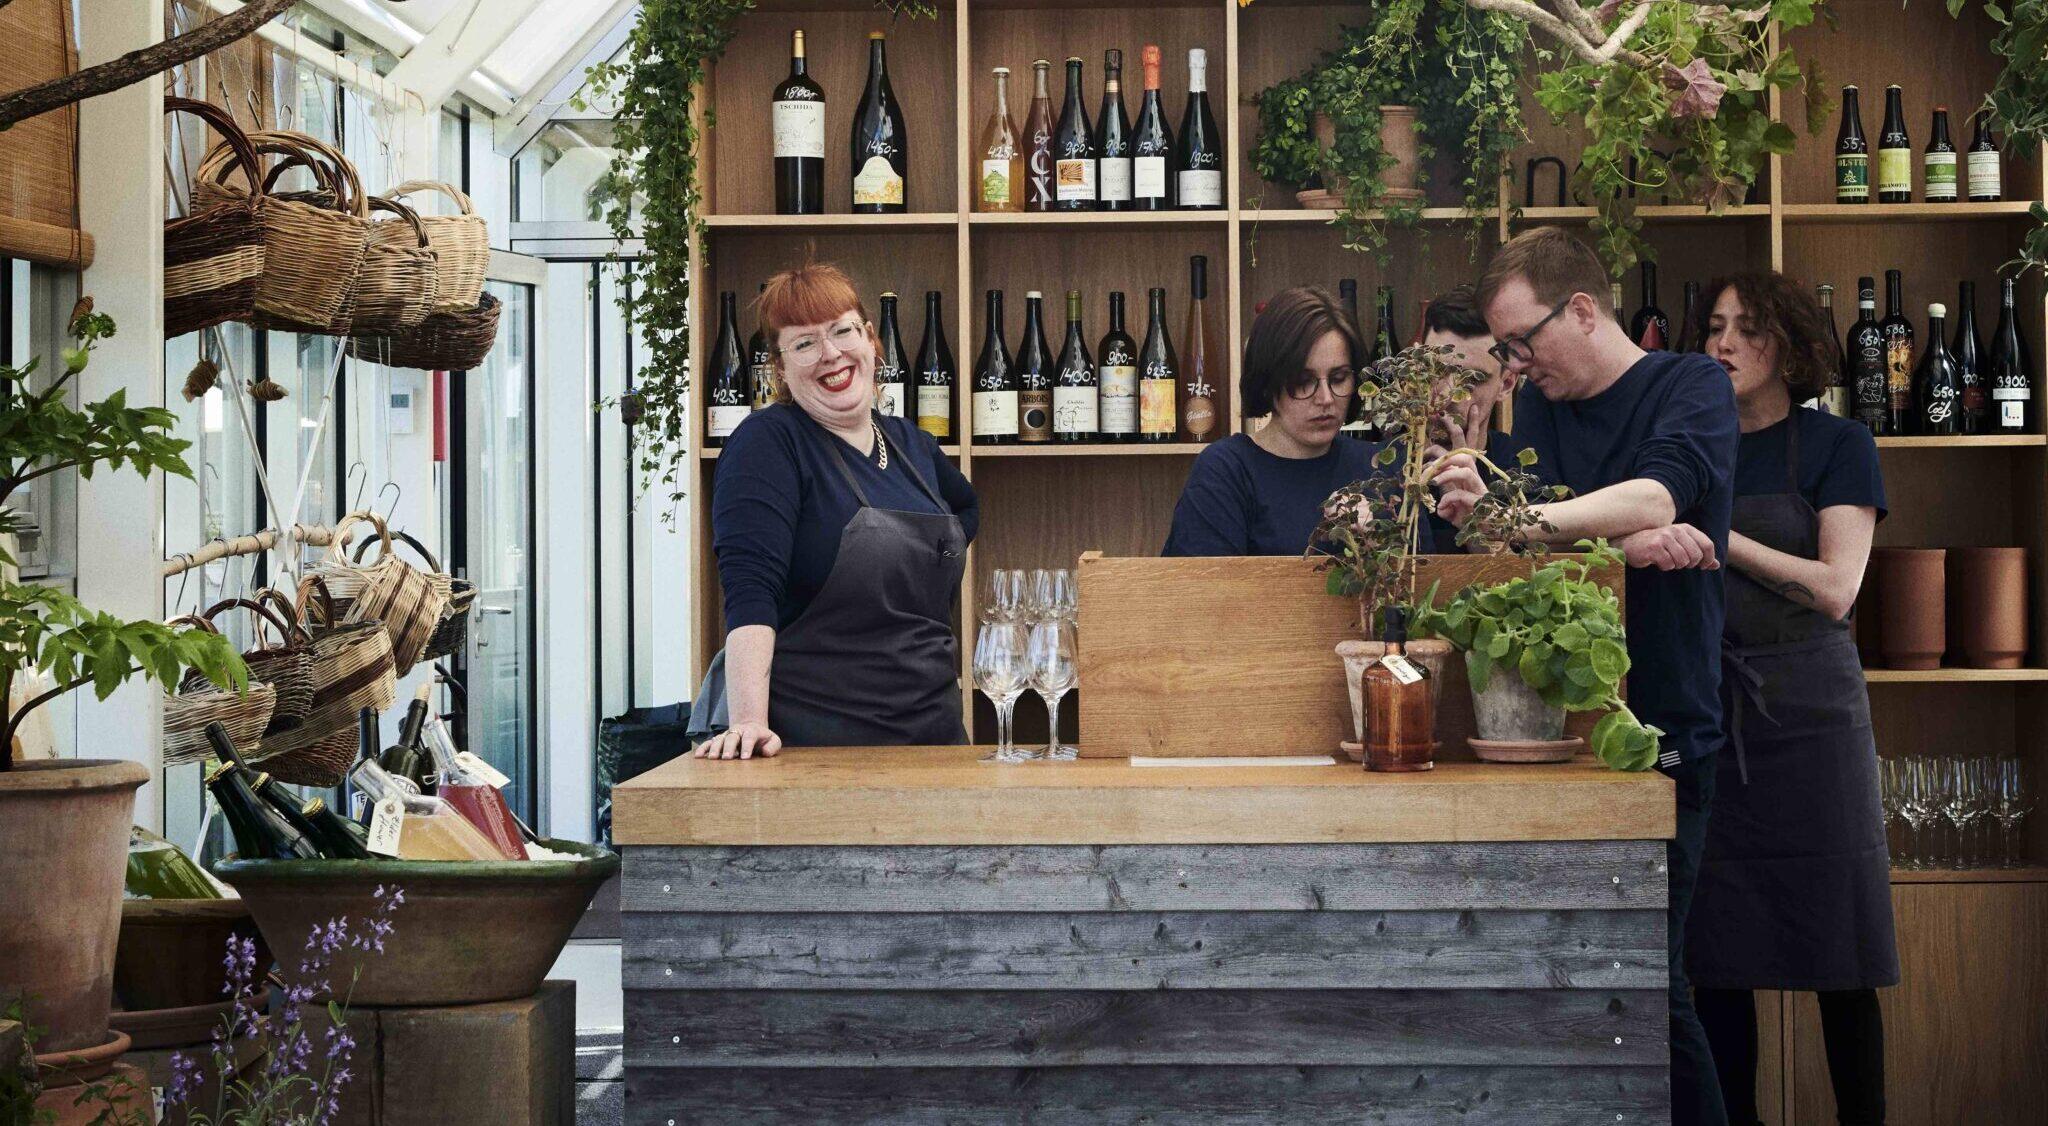 Noma wine bar